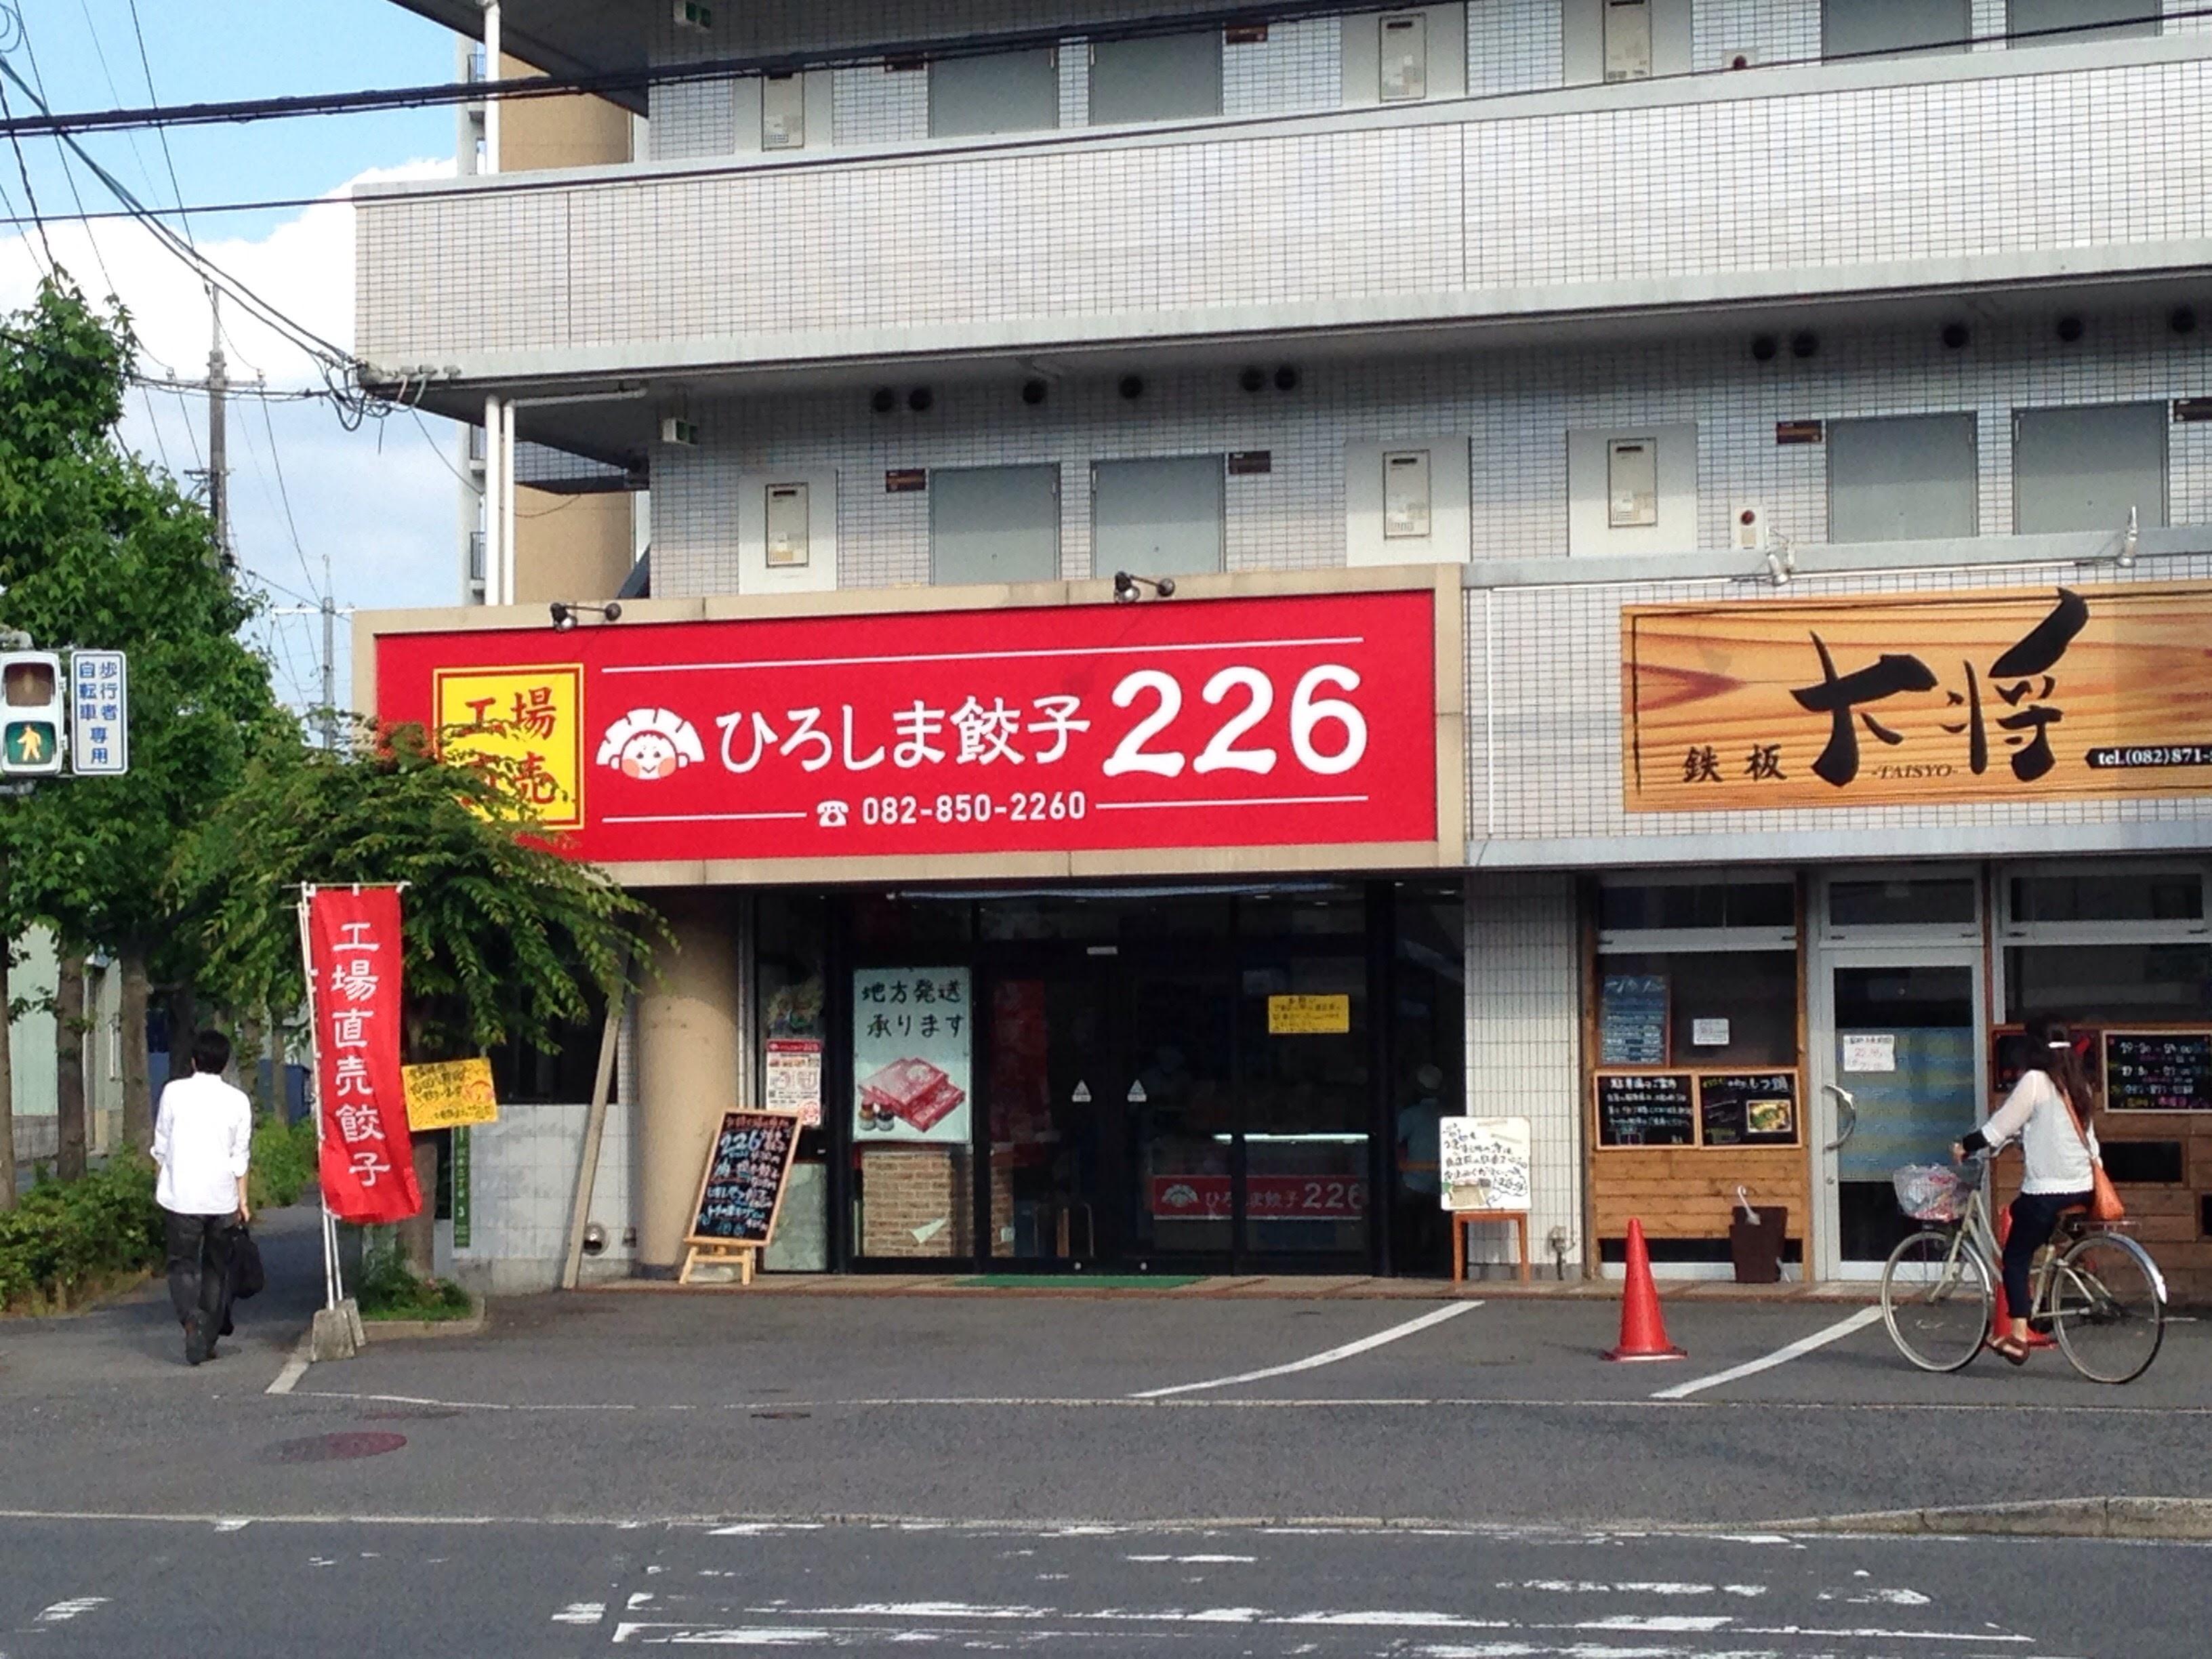 持ち帰り餃子専門店 ひろしま餃子226